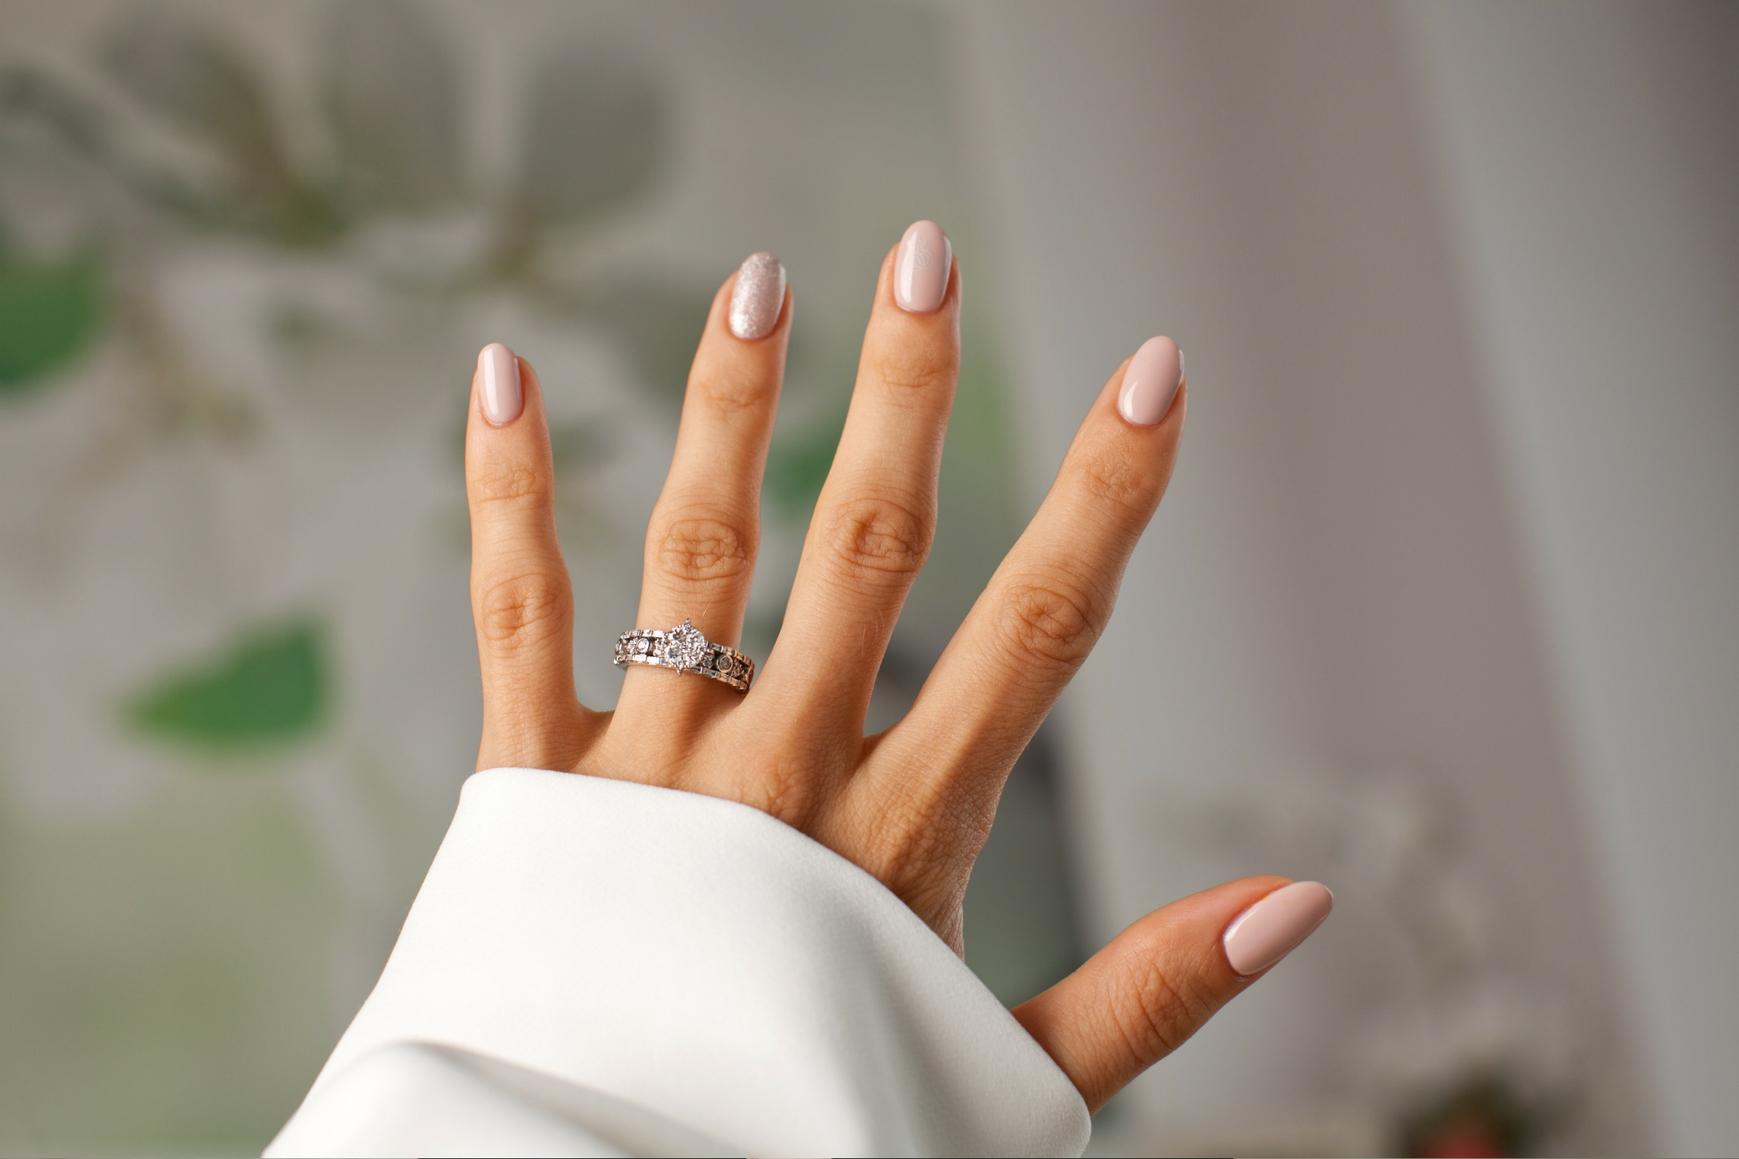 Pierścionek z diamentem to must have dla każdej kobiety